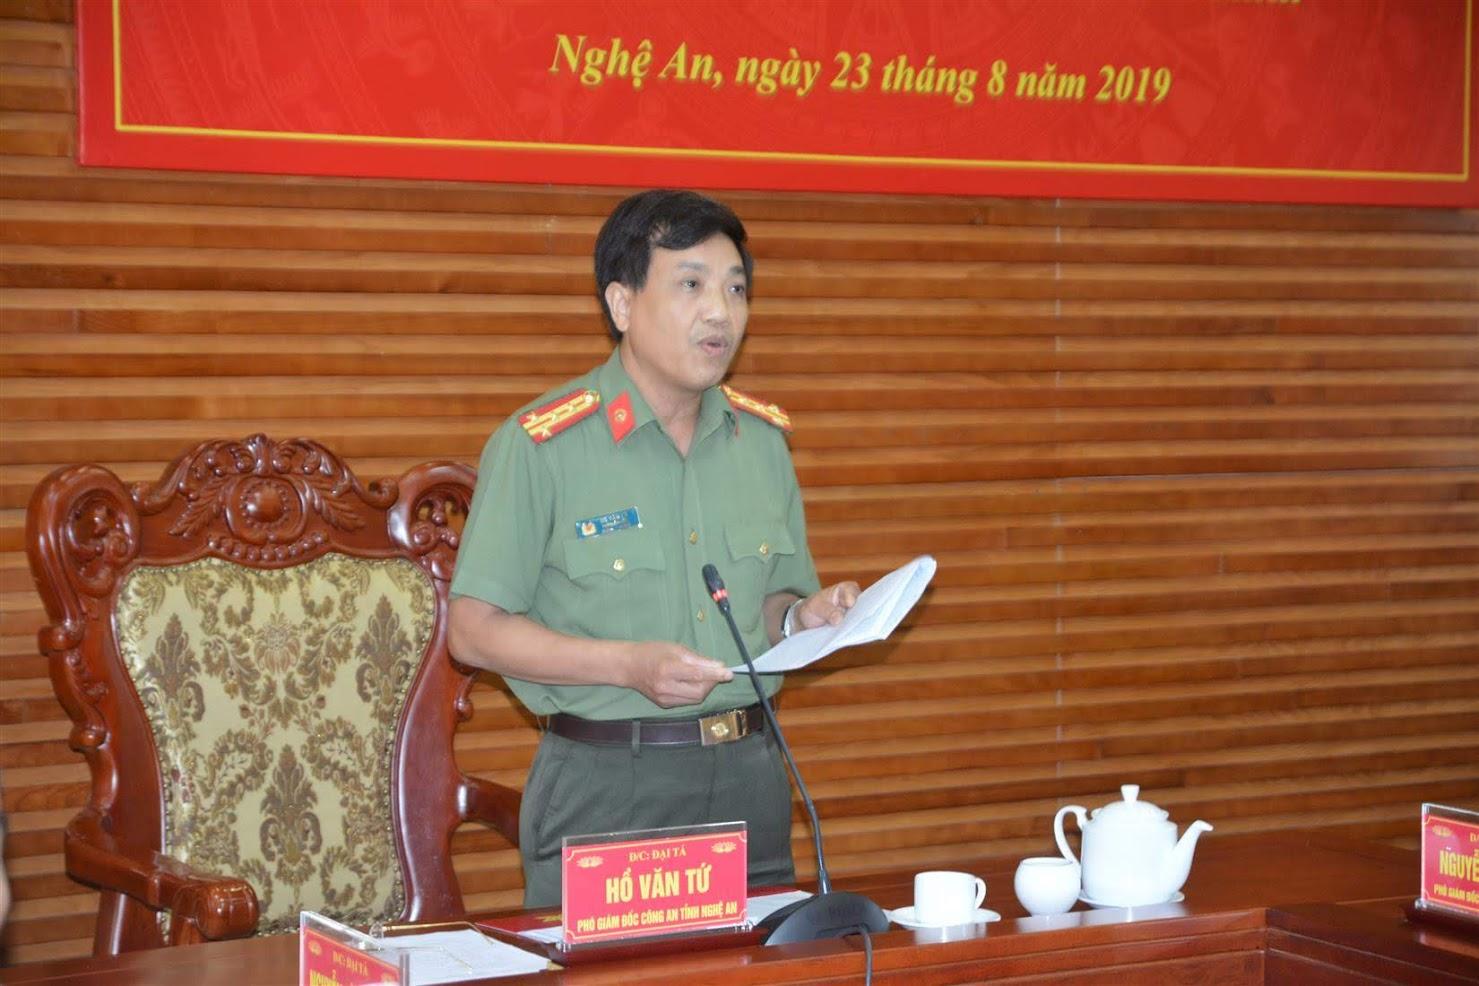 Đồng chí Đại tá Hồ Văn Tứ, Phó Bí thư Đảng ủy,                          Phó Giám đốc Công an tỉnh phát biểu tại Hội nghị